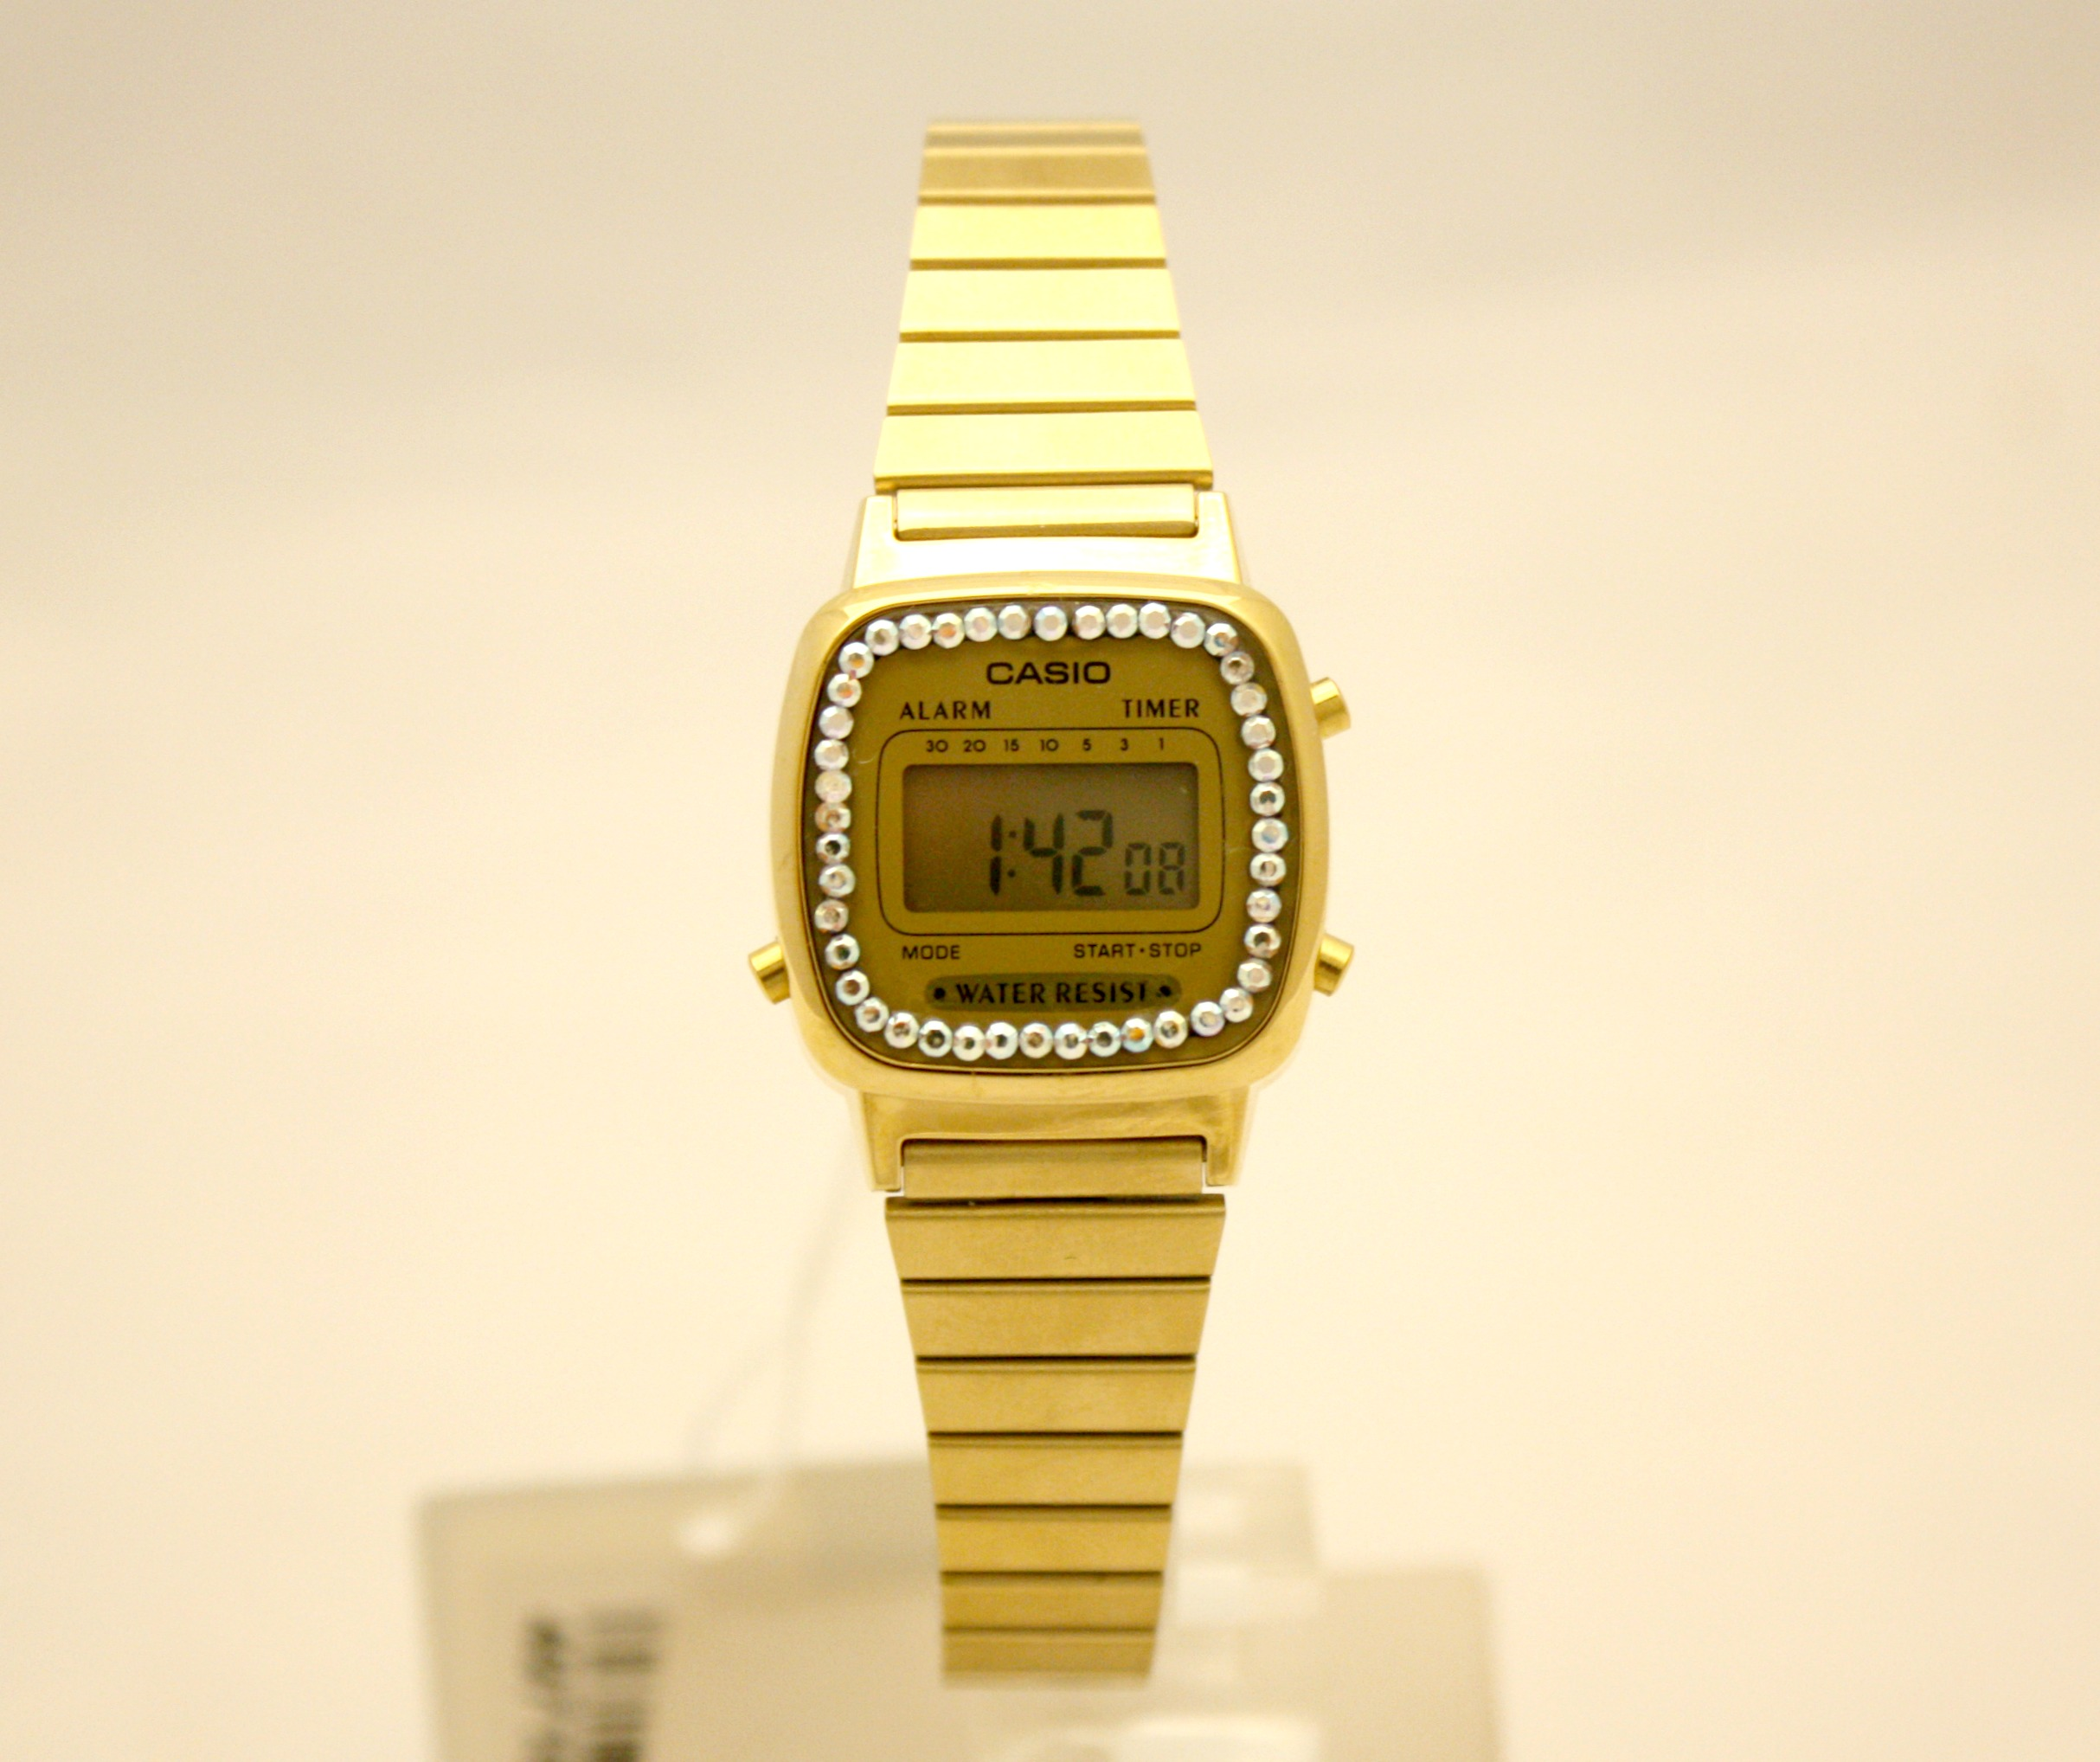 818872e44d32 Orologio donna Casio ref. 3191 LA670WGA-9DF dorato personalizzato con  cristalli swarovski – novità esclusiva Gioielleria Rizzo!